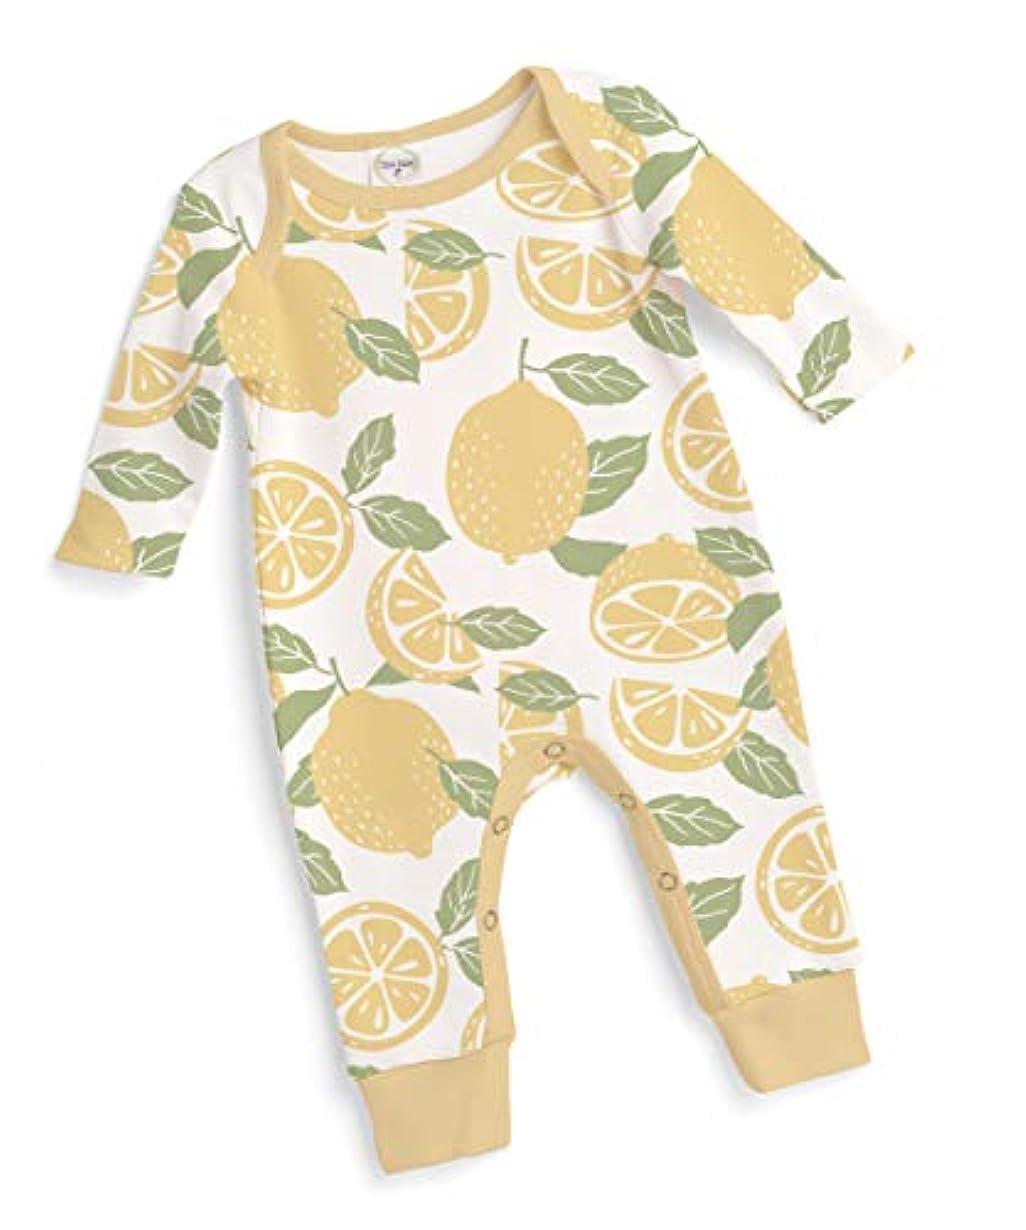 定刻スピンなめるTesa Babe ベビーガール シャワーギフト ストロベリーレモンプリントロンパース 新生児から幼児用 マルチ